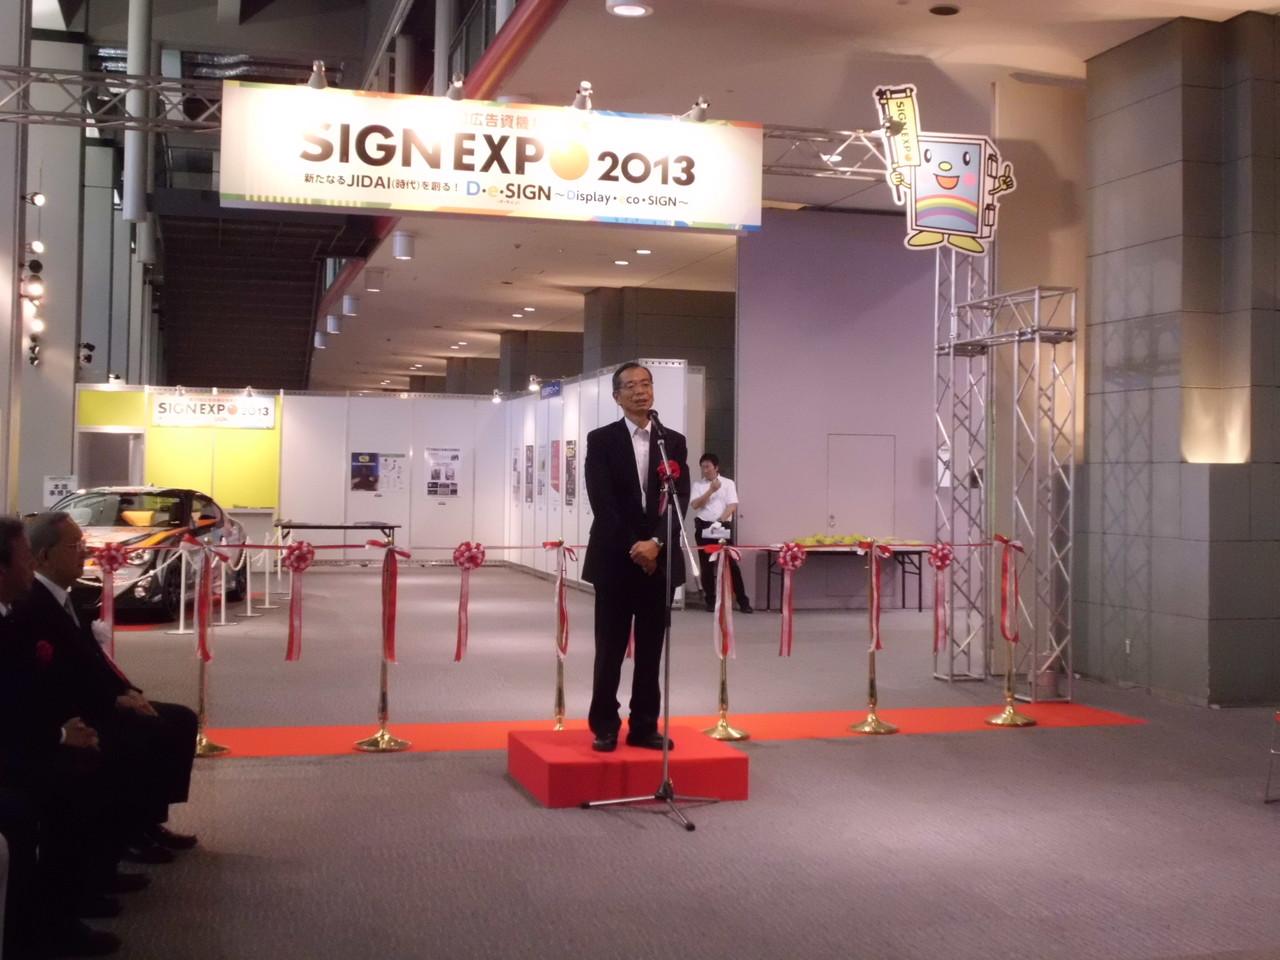 ご来賓の近畿経済産業局 岡村様よりご挨拶を頂戴しました